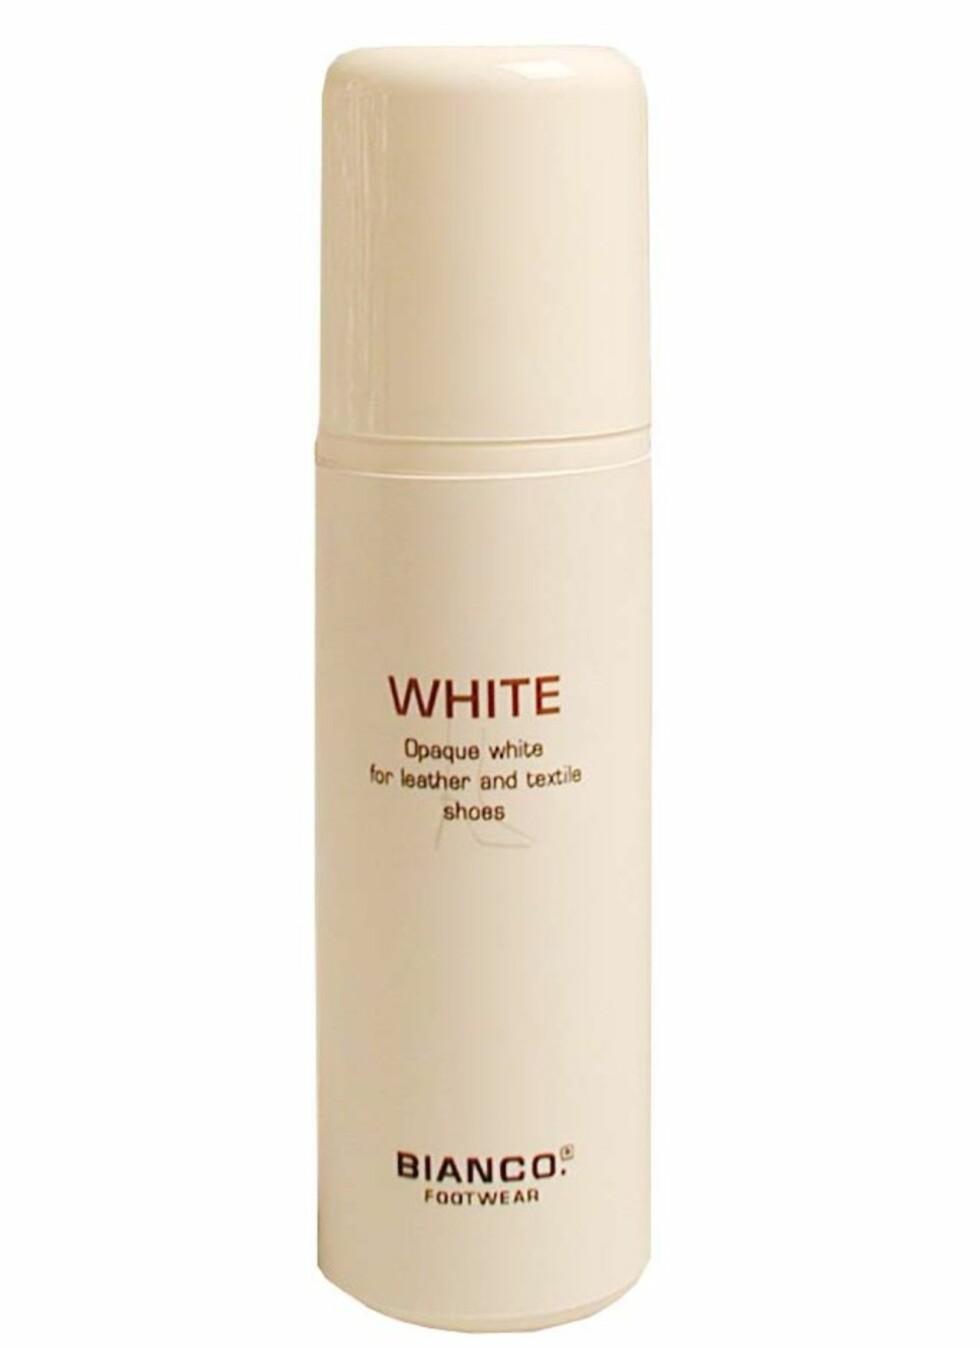 Det finnes egne produkter for å friske opp den hvite fargen på skinn og tekstiler. Bianco White skal påføres i et tynt lag på hele yttersiden av skoen, tørke i 15 minutter før man polerer. Tekstil skal derimot ikke poleres). Produktet skal dekke flekker, gjenoppfriske fargen og beskytte den hvite overflaten.